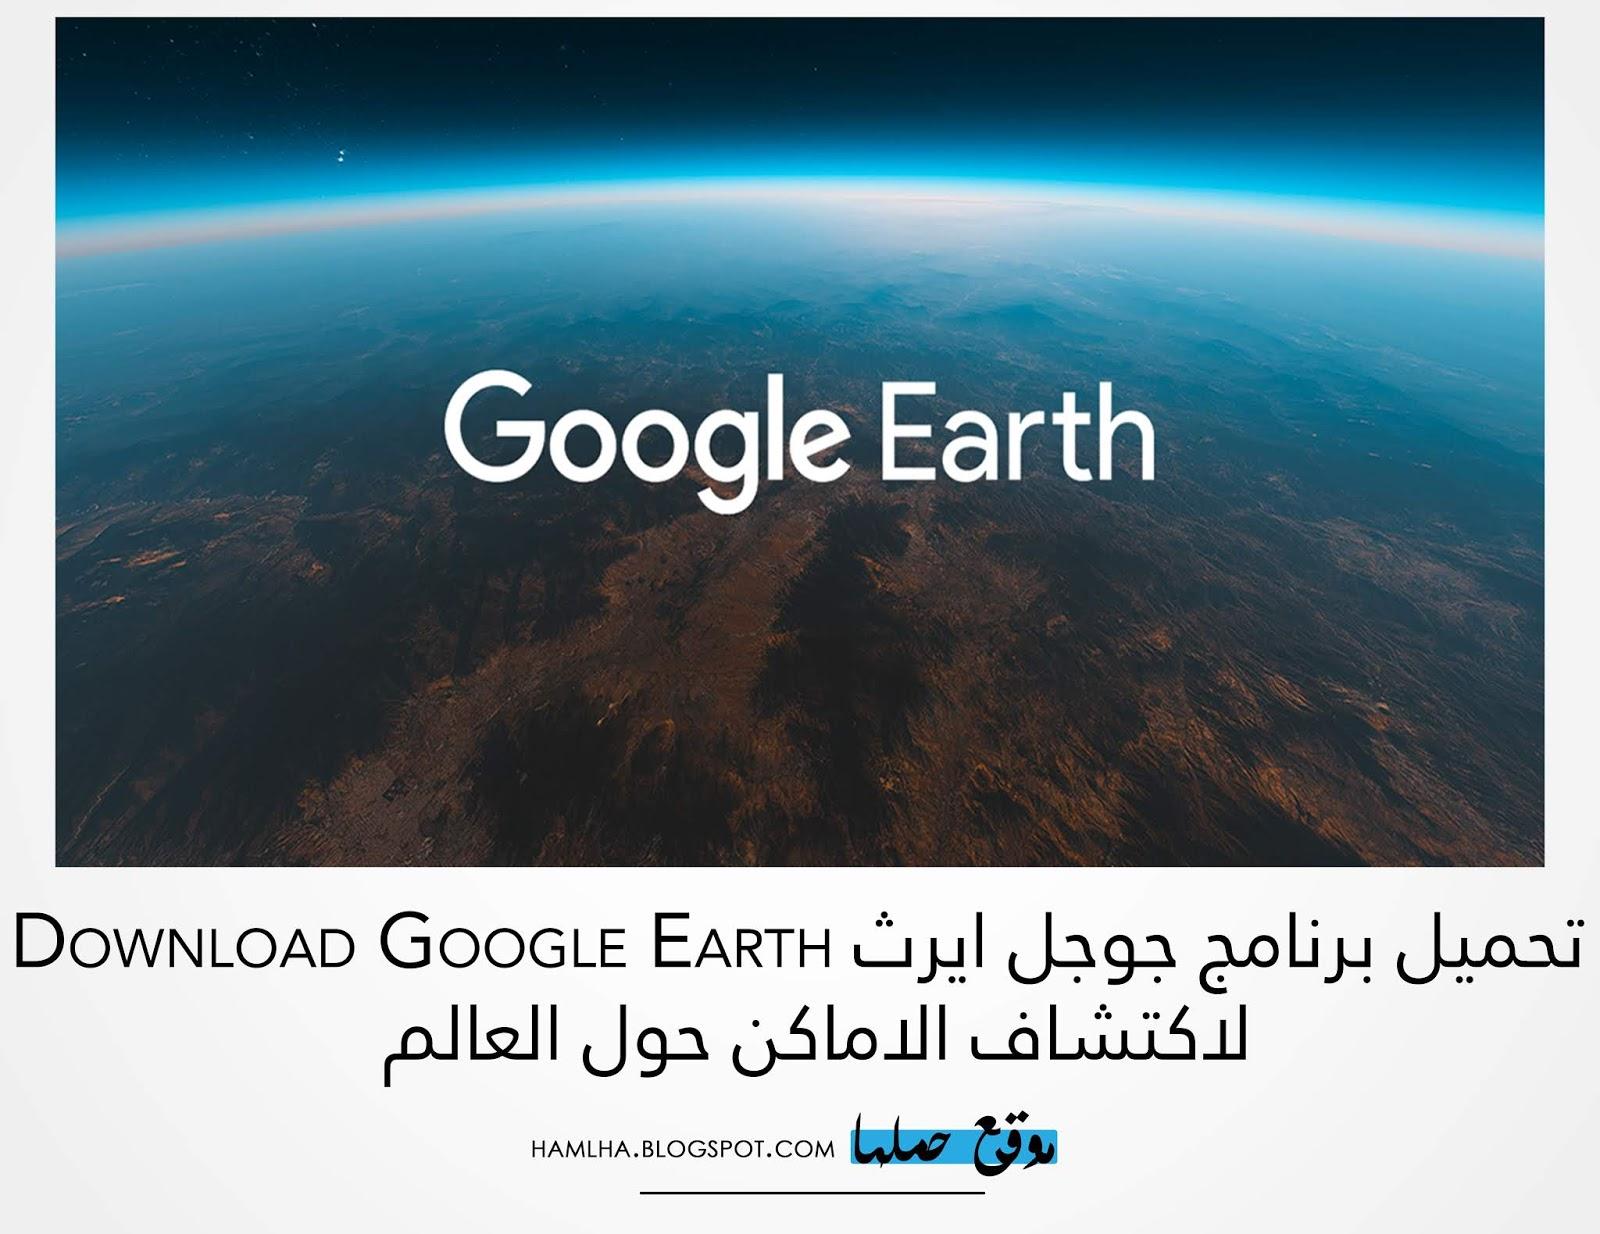 تحميل برنامج جوجل ايرث عربي Download Google Earth 2020 لخرائط